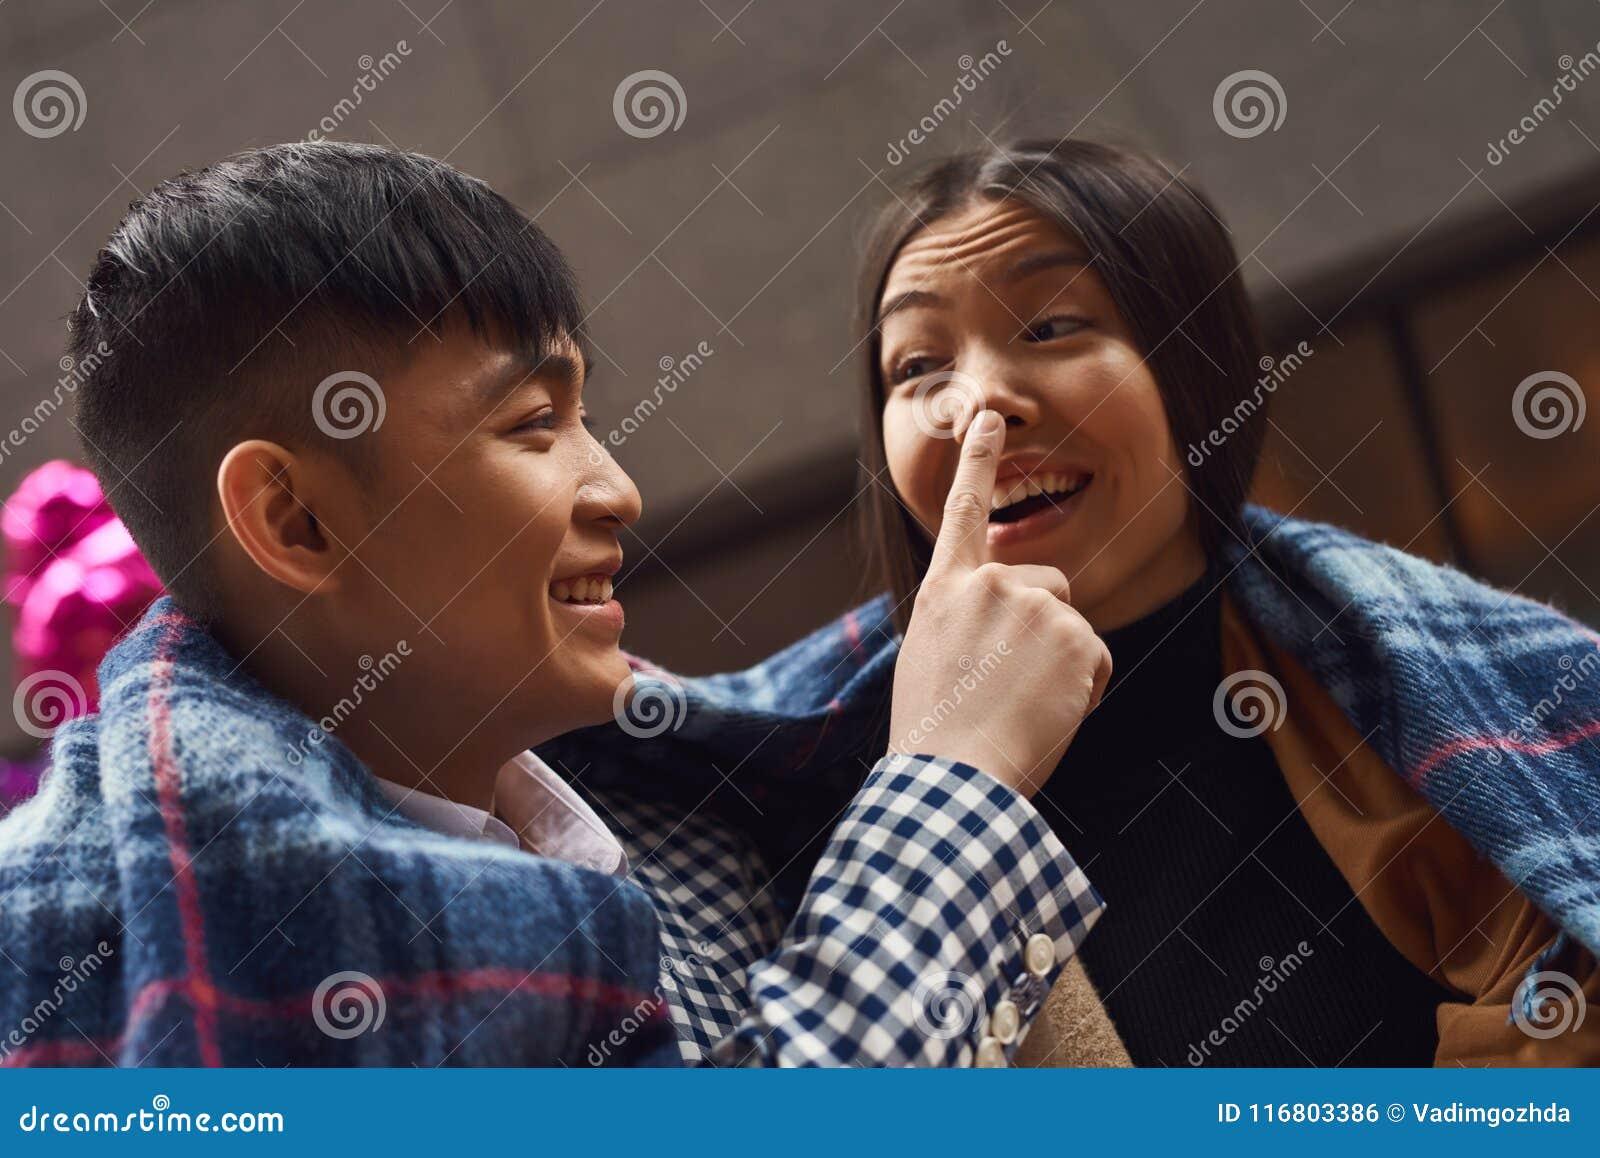 Il tipo felice tocca il naso della ragazza